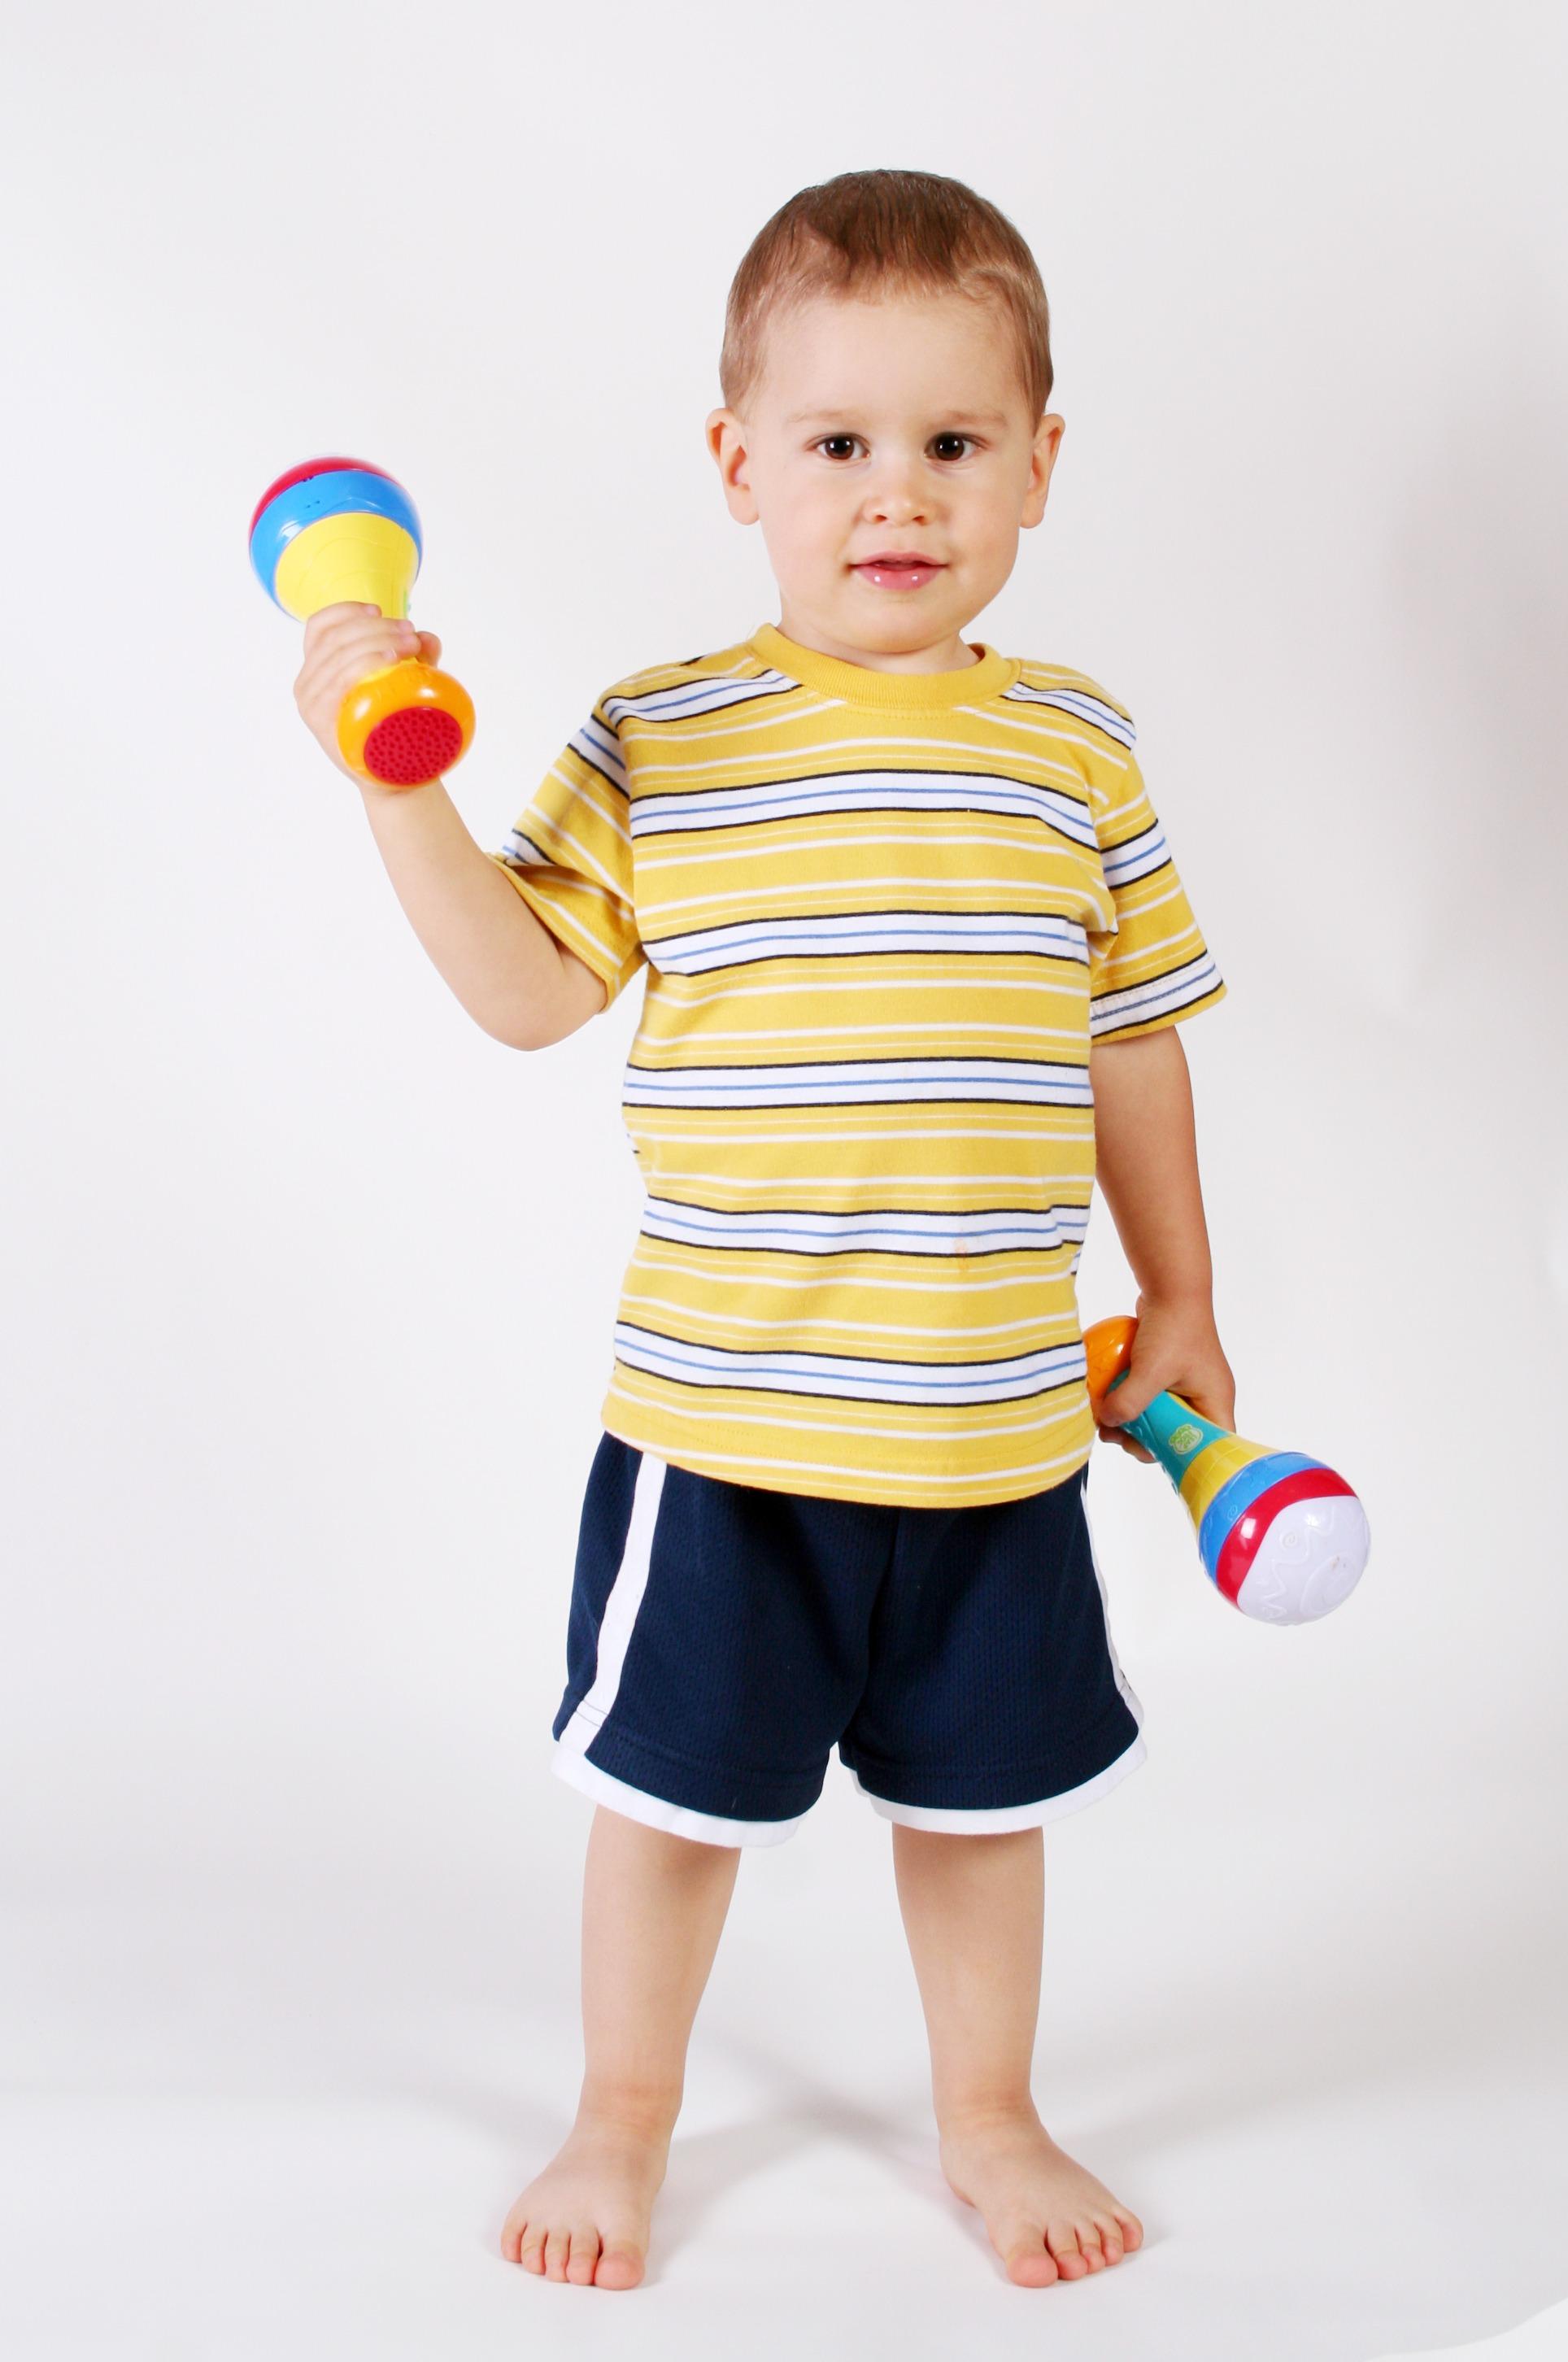 Fotos gratis mano persona jugar chico masculino - Foto nino pequeno ...